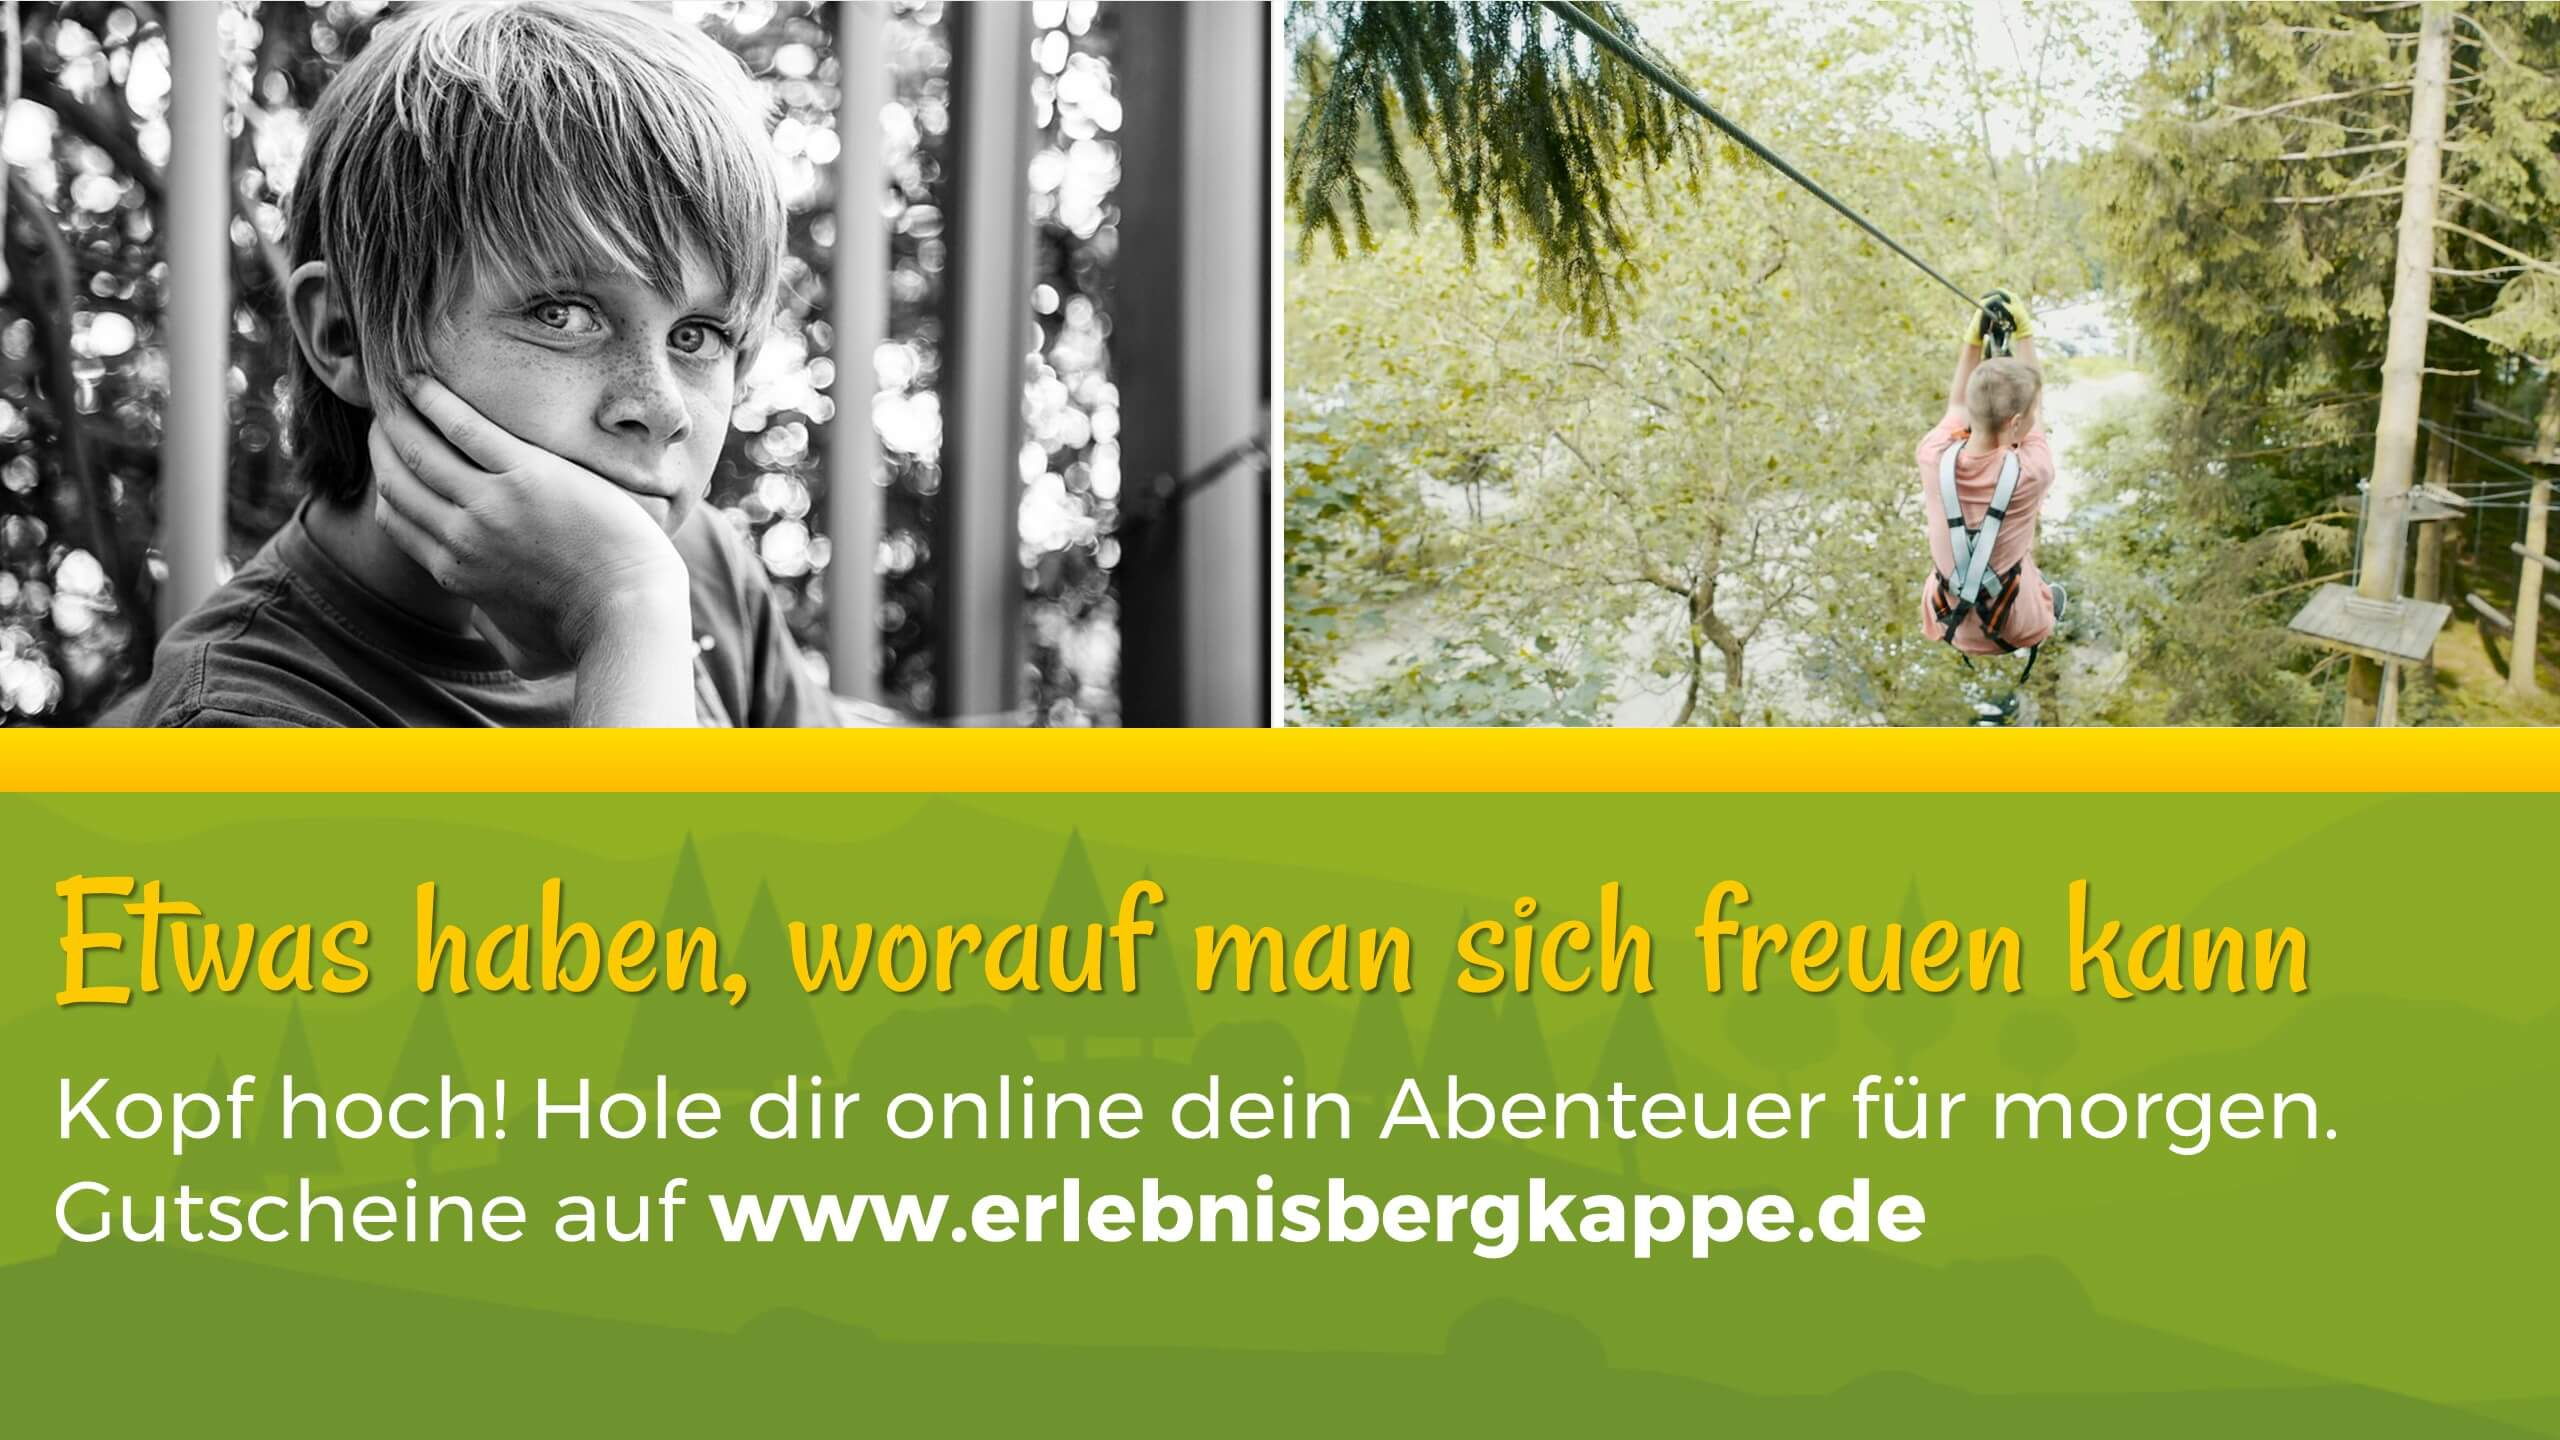 Gutscheine Erlebnisberg Kappe Winterberg (9)